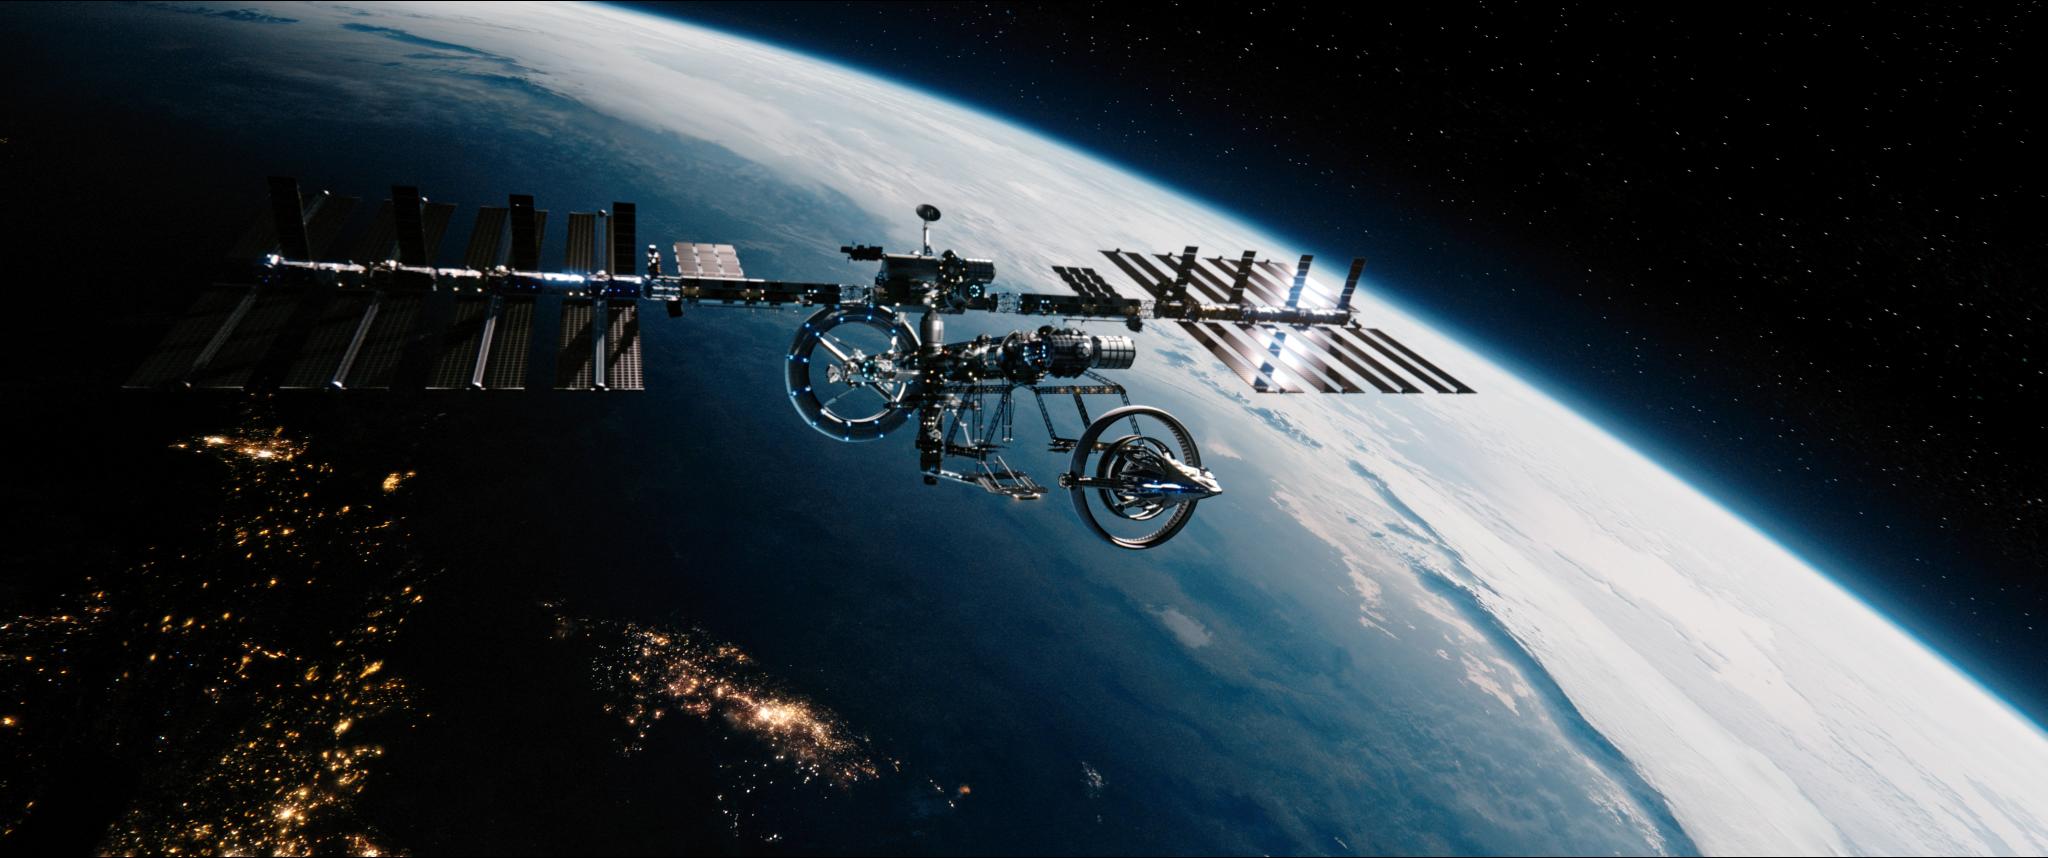 - '''FTL' A Sci-Fi Short Film By Adam Stern